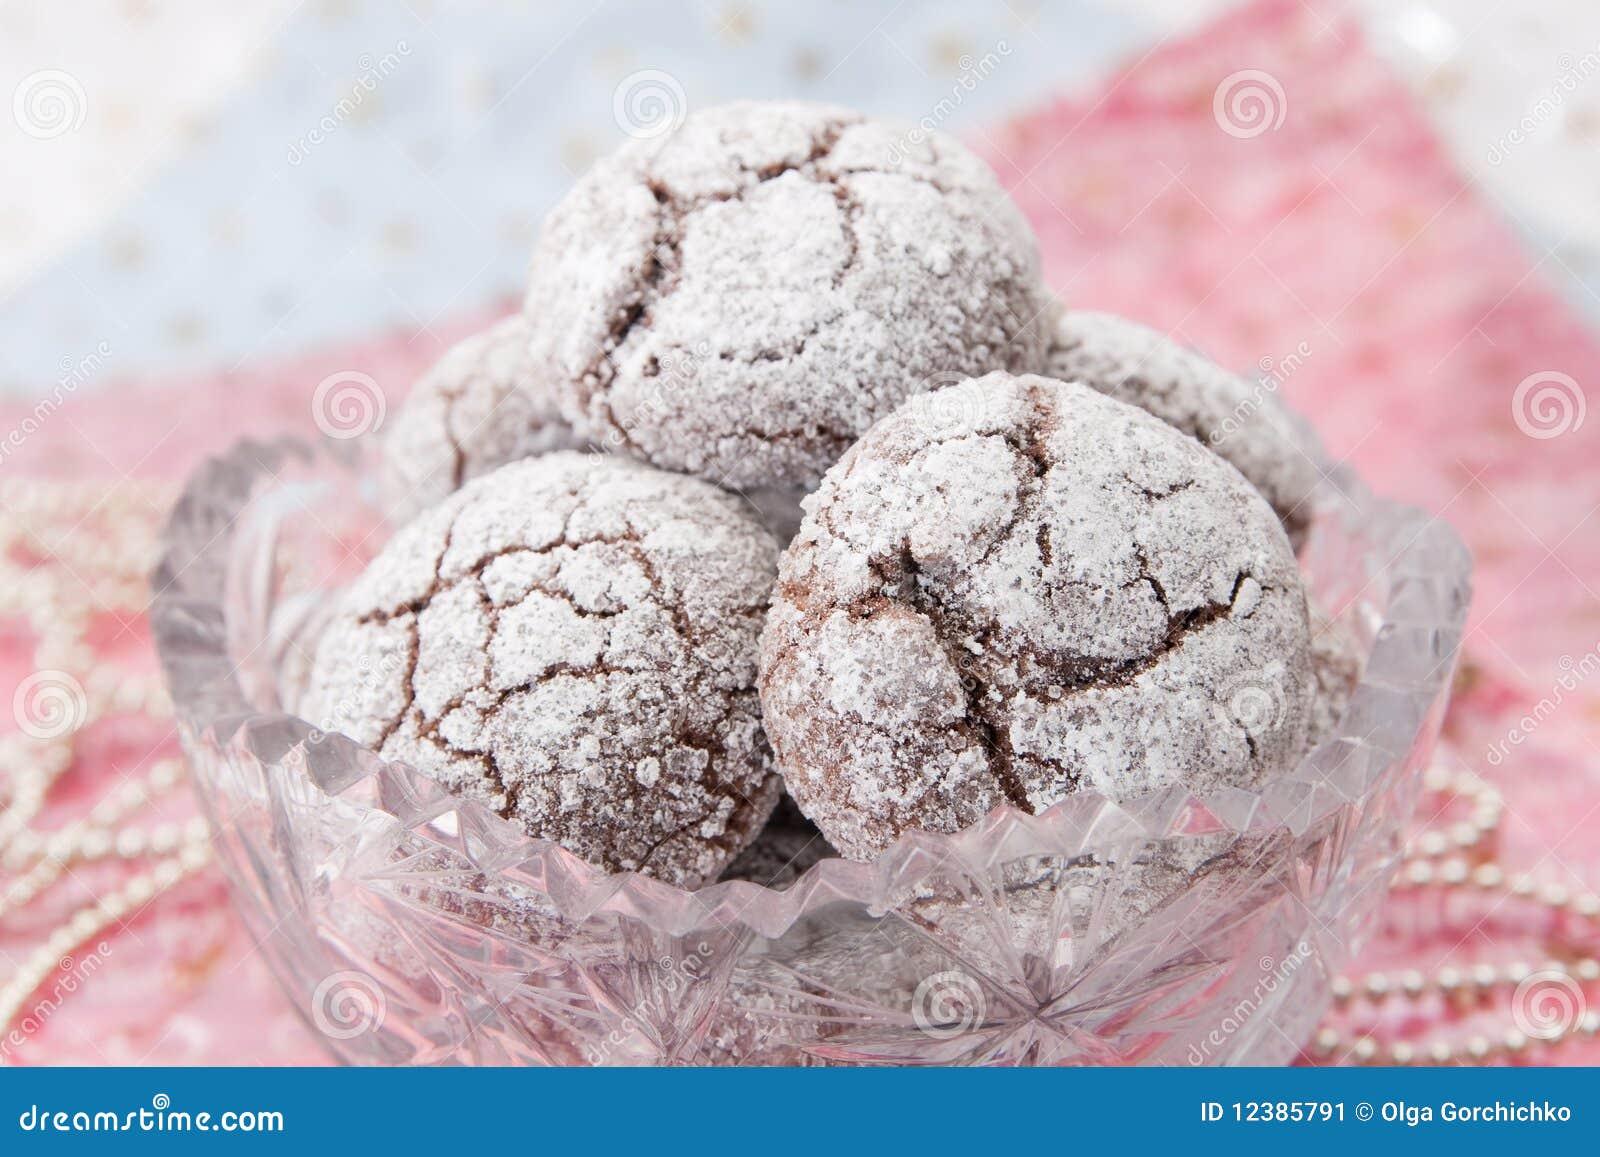 De koekjes van de chocolade in kristalkom en decoratie stock afbeelding afbeelding 12385791 - Decoratie van de villas ...